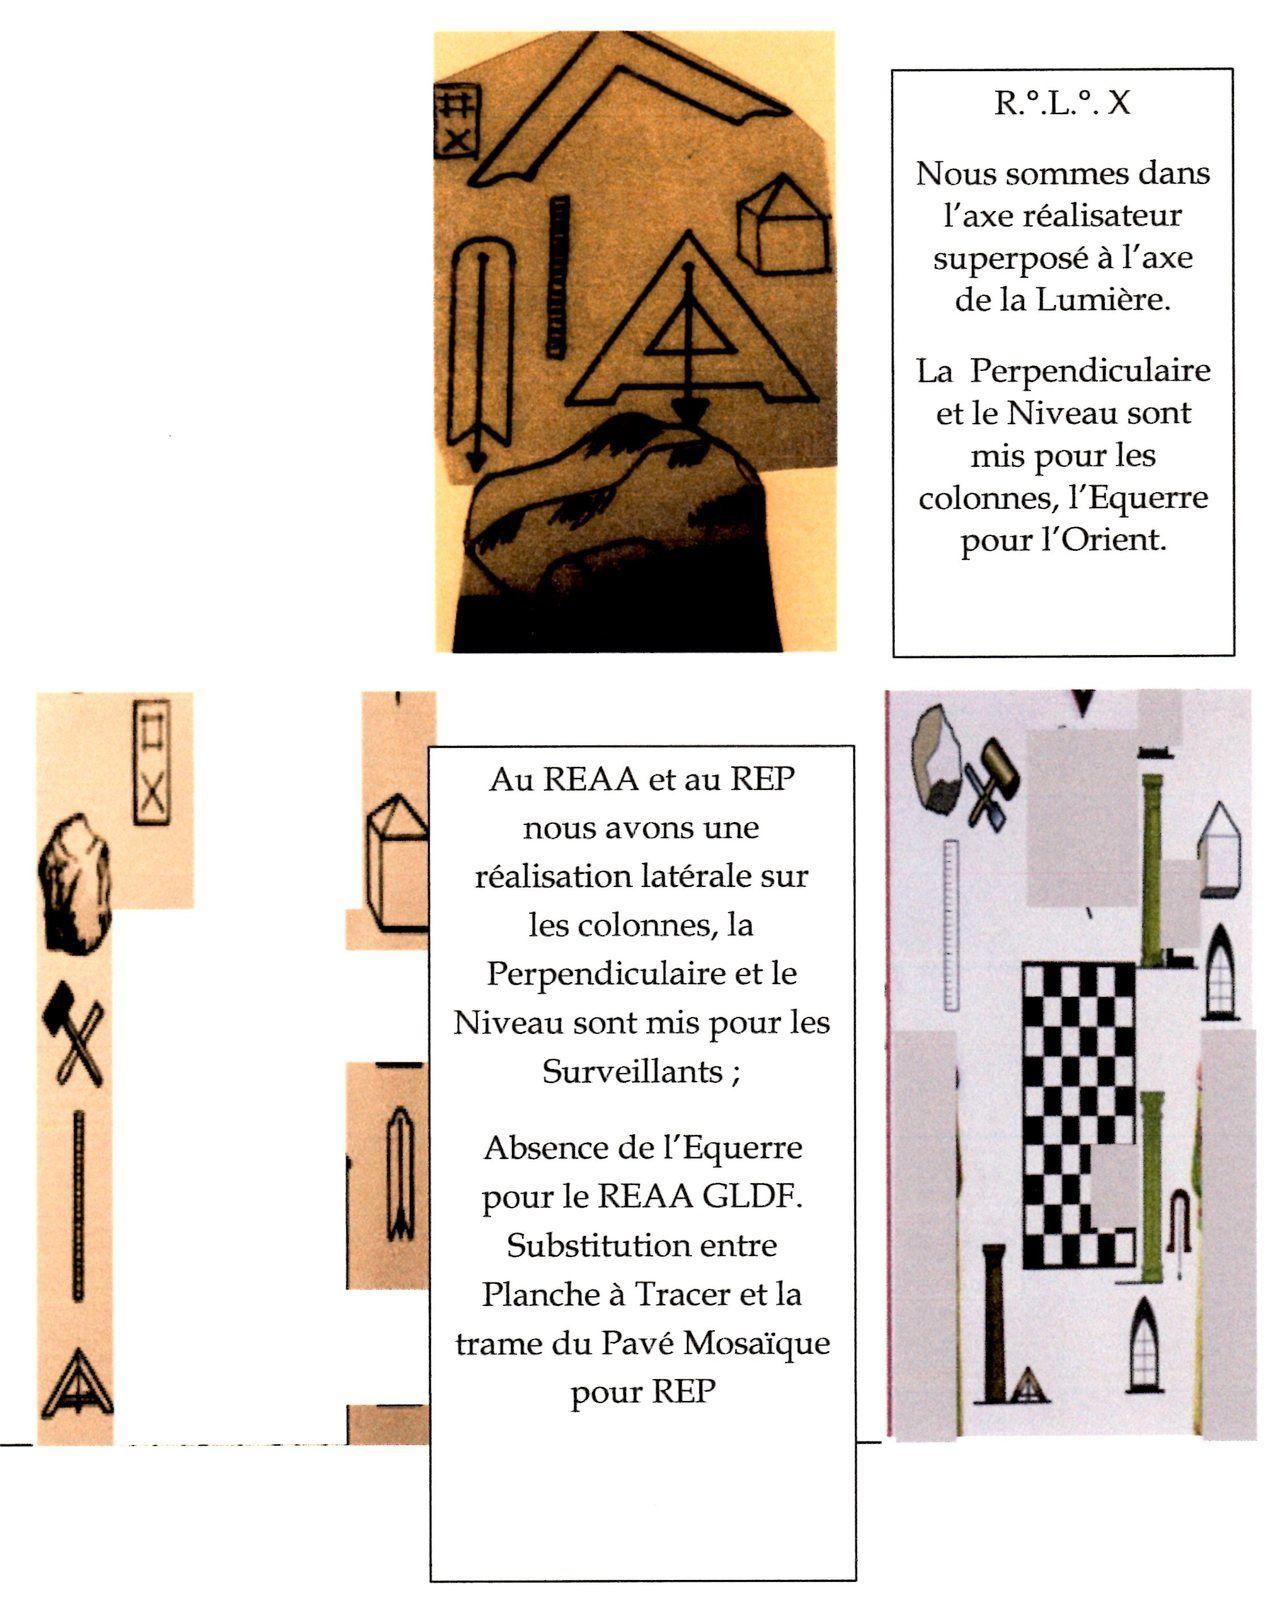 Appareillages symboliques opératifs (théorie du symbole, chap V)